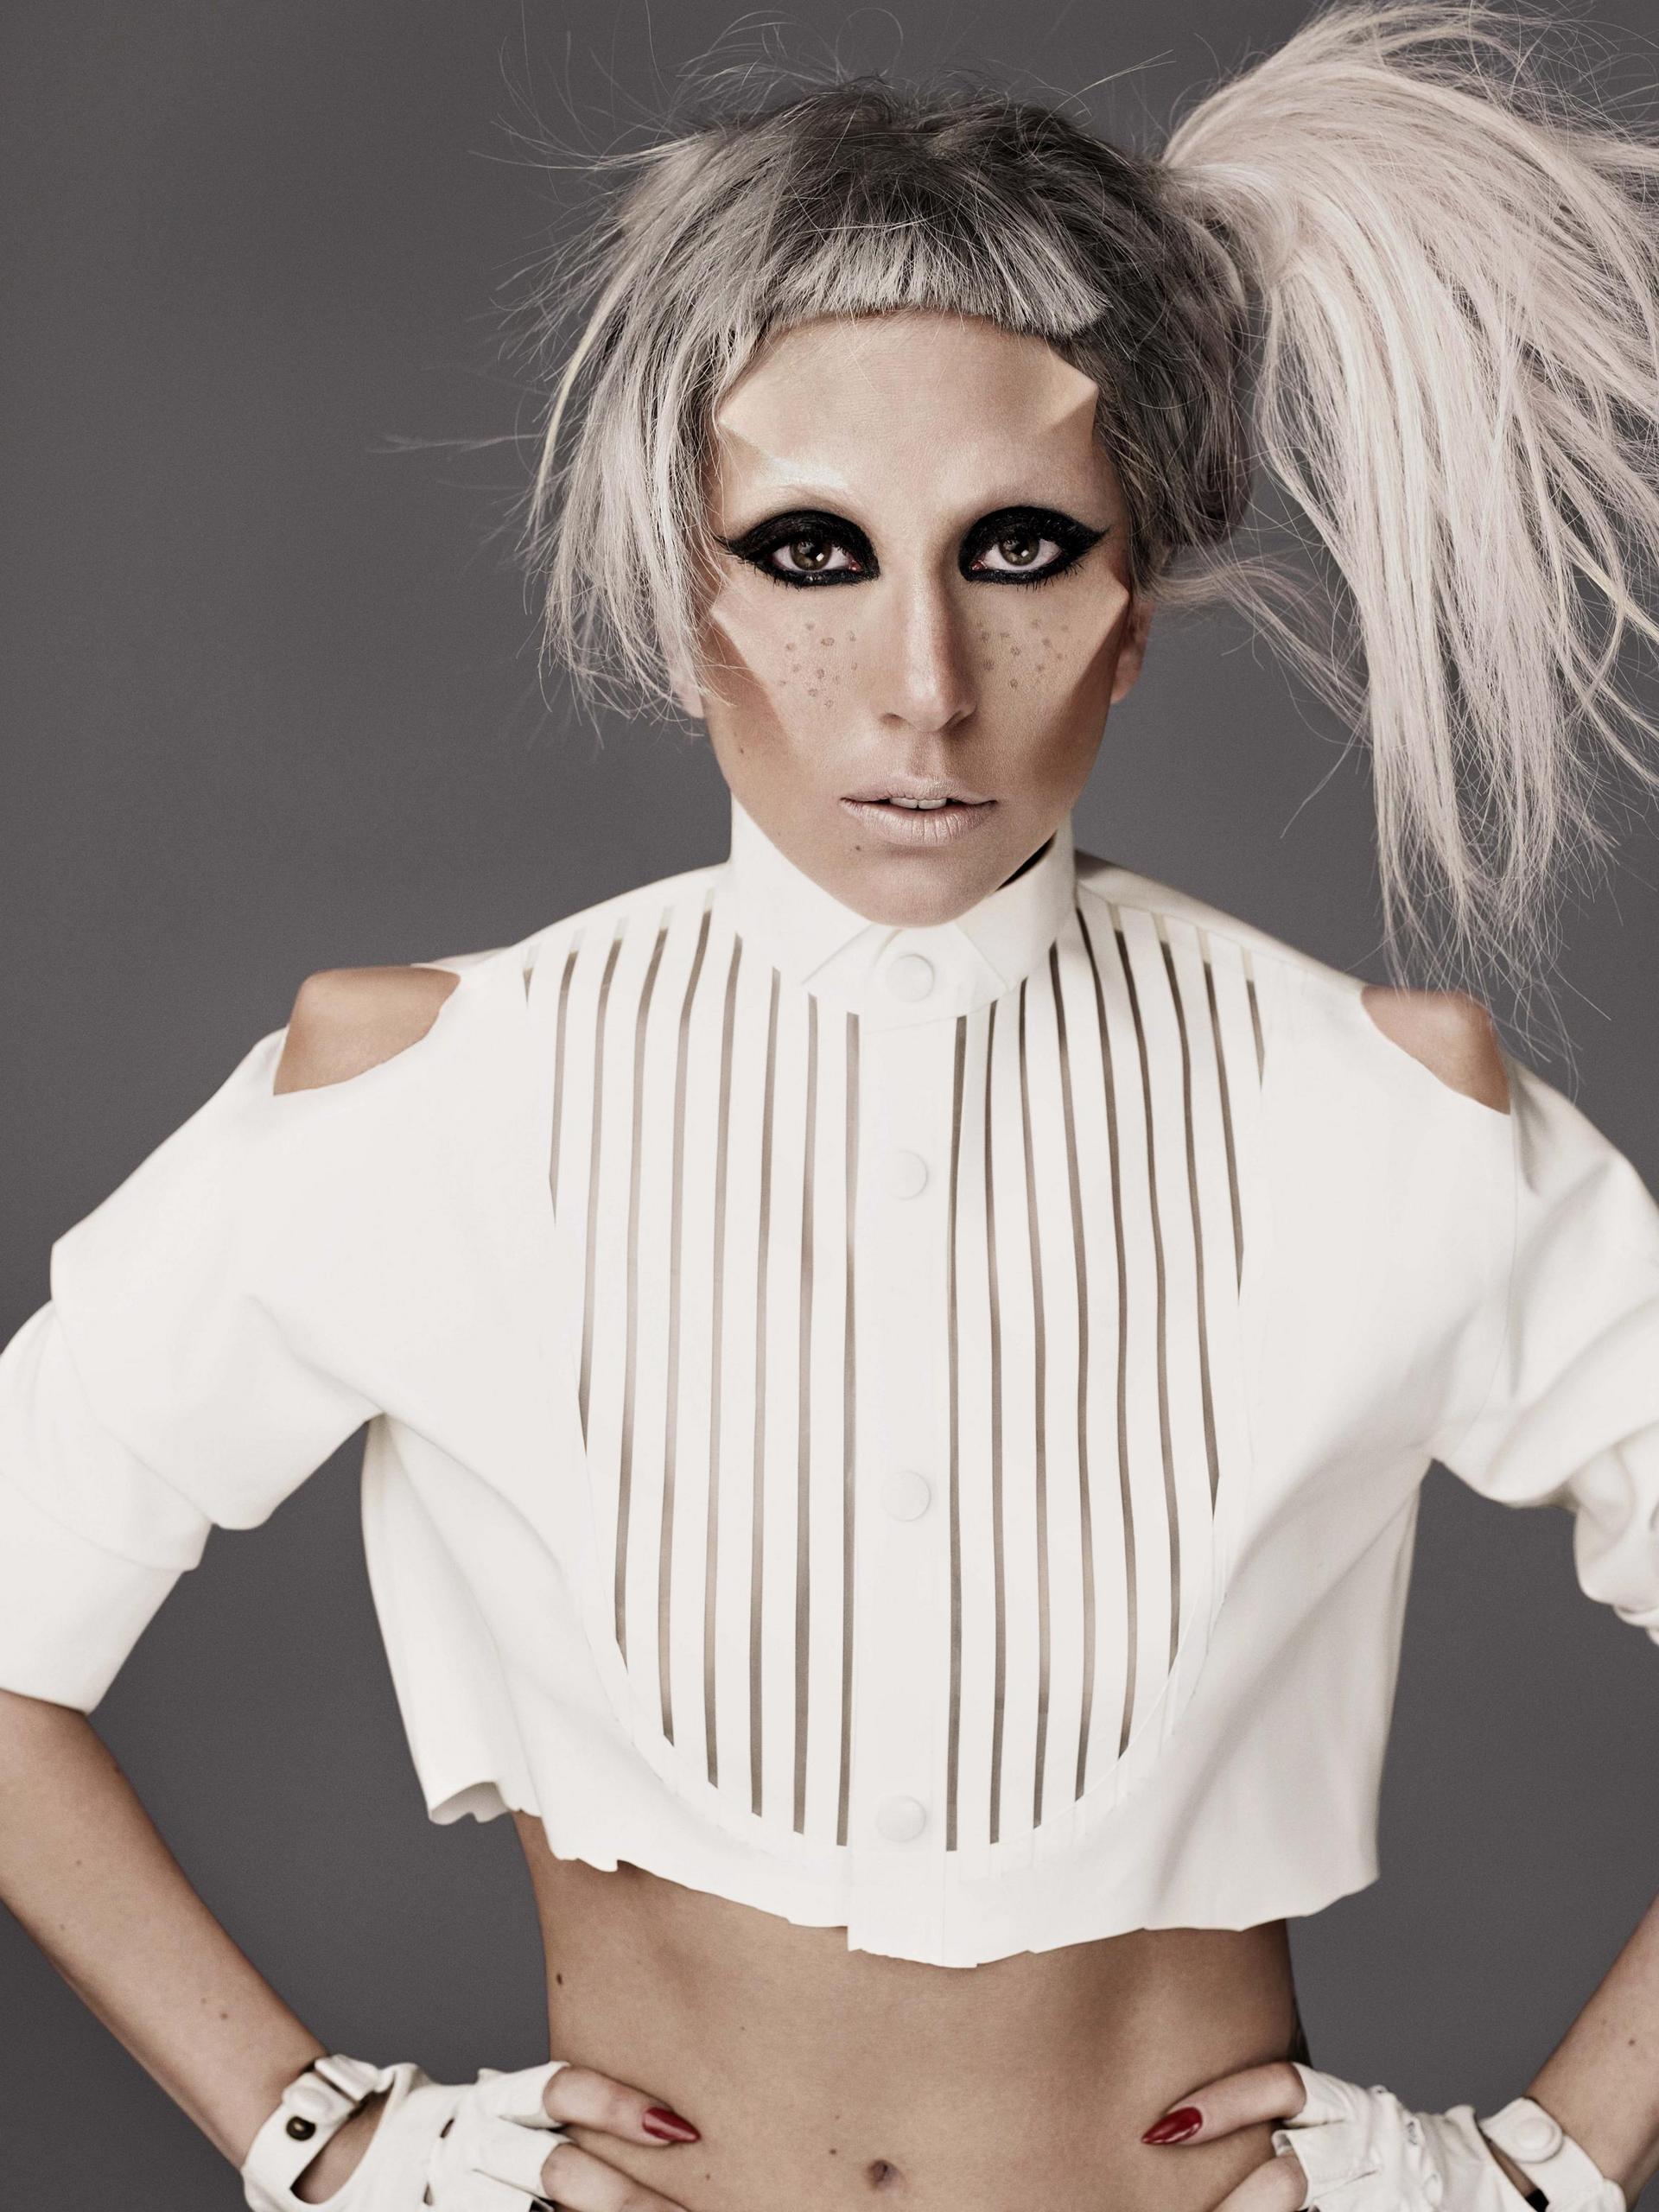 Lady-Gaga-Mariano-Vivanco-Photoshoot-Super-HQ-lady-gaga-25788331-1920-2560.jpg